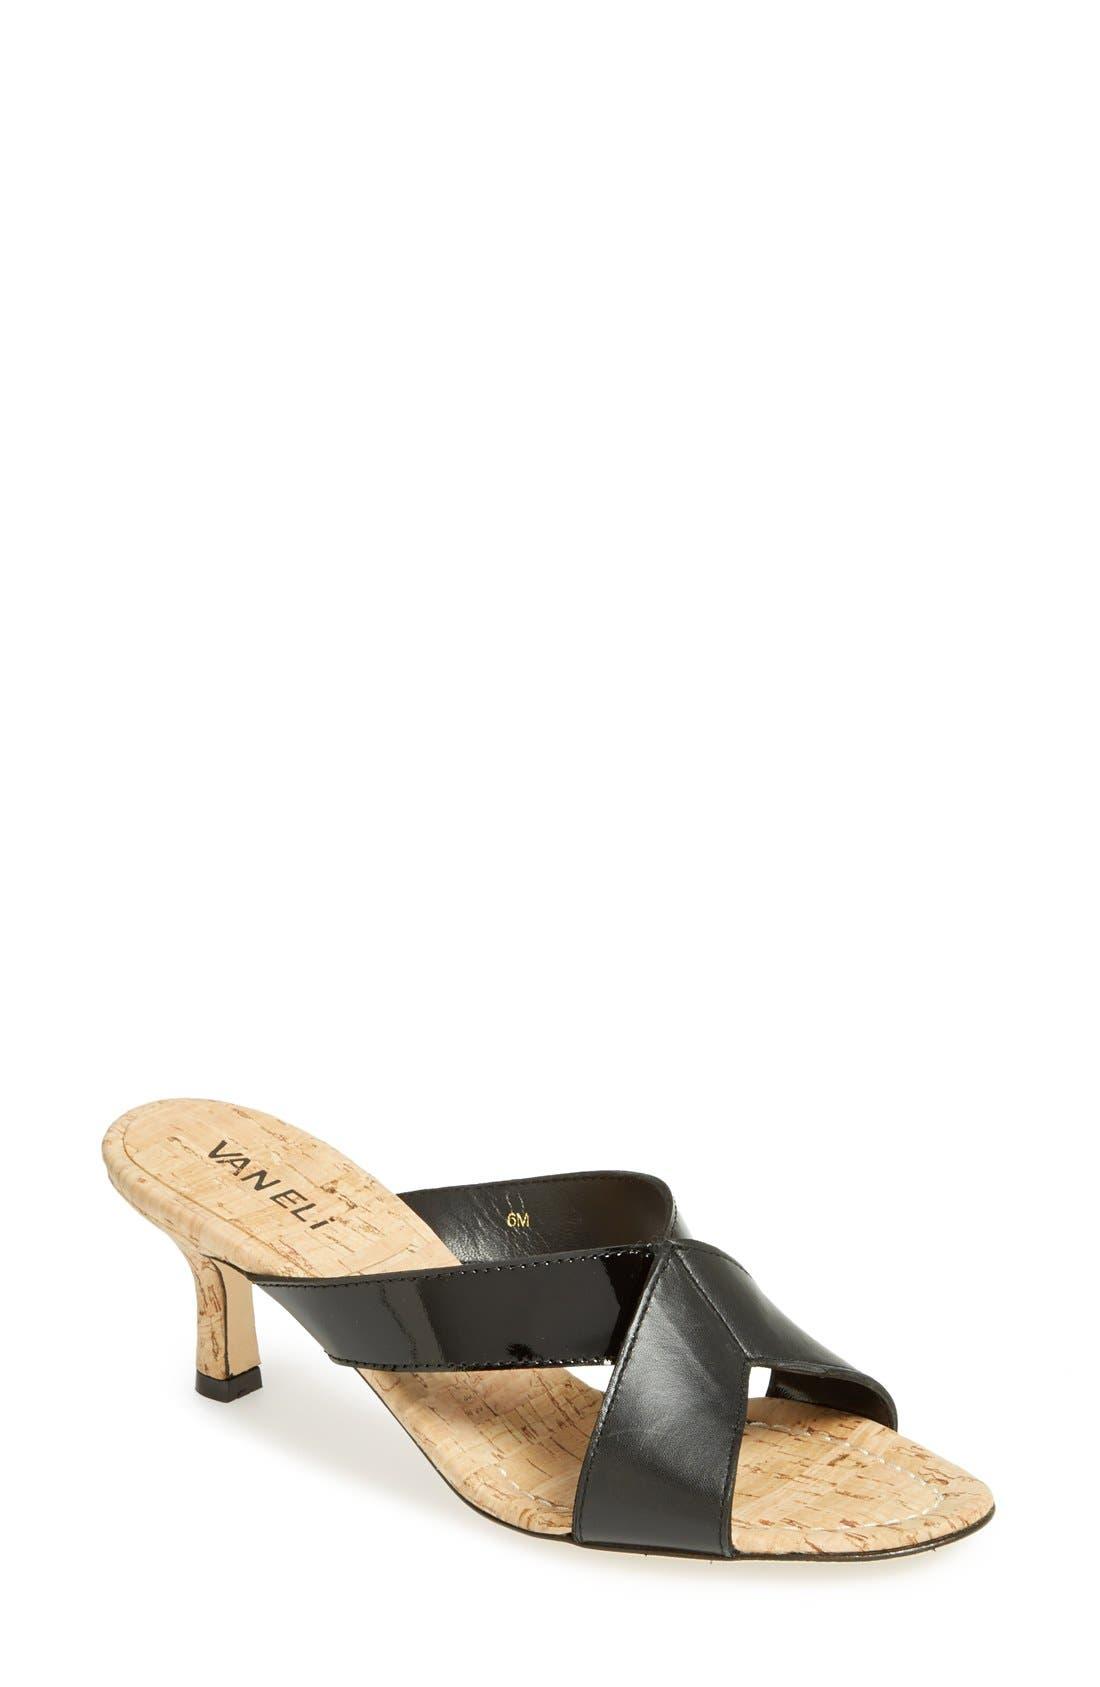 Main Image - VANELi 'Millie' Sandal